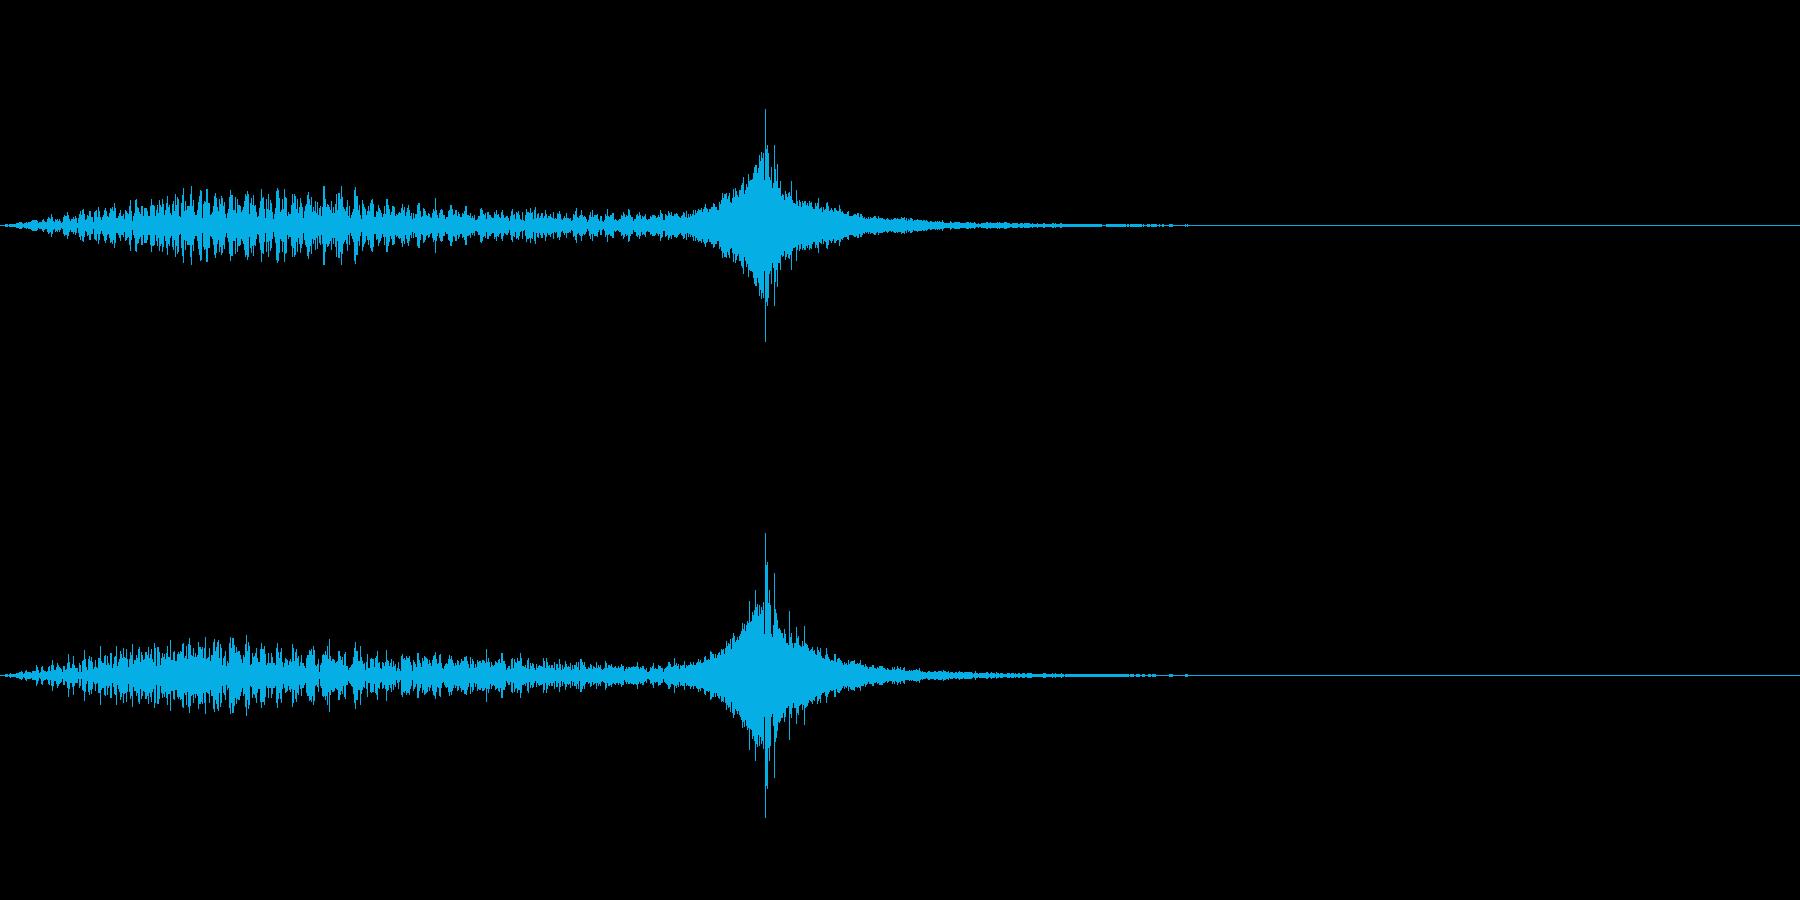 不穏/気配/気付く/金属音/サスペンスの再生済みの波形